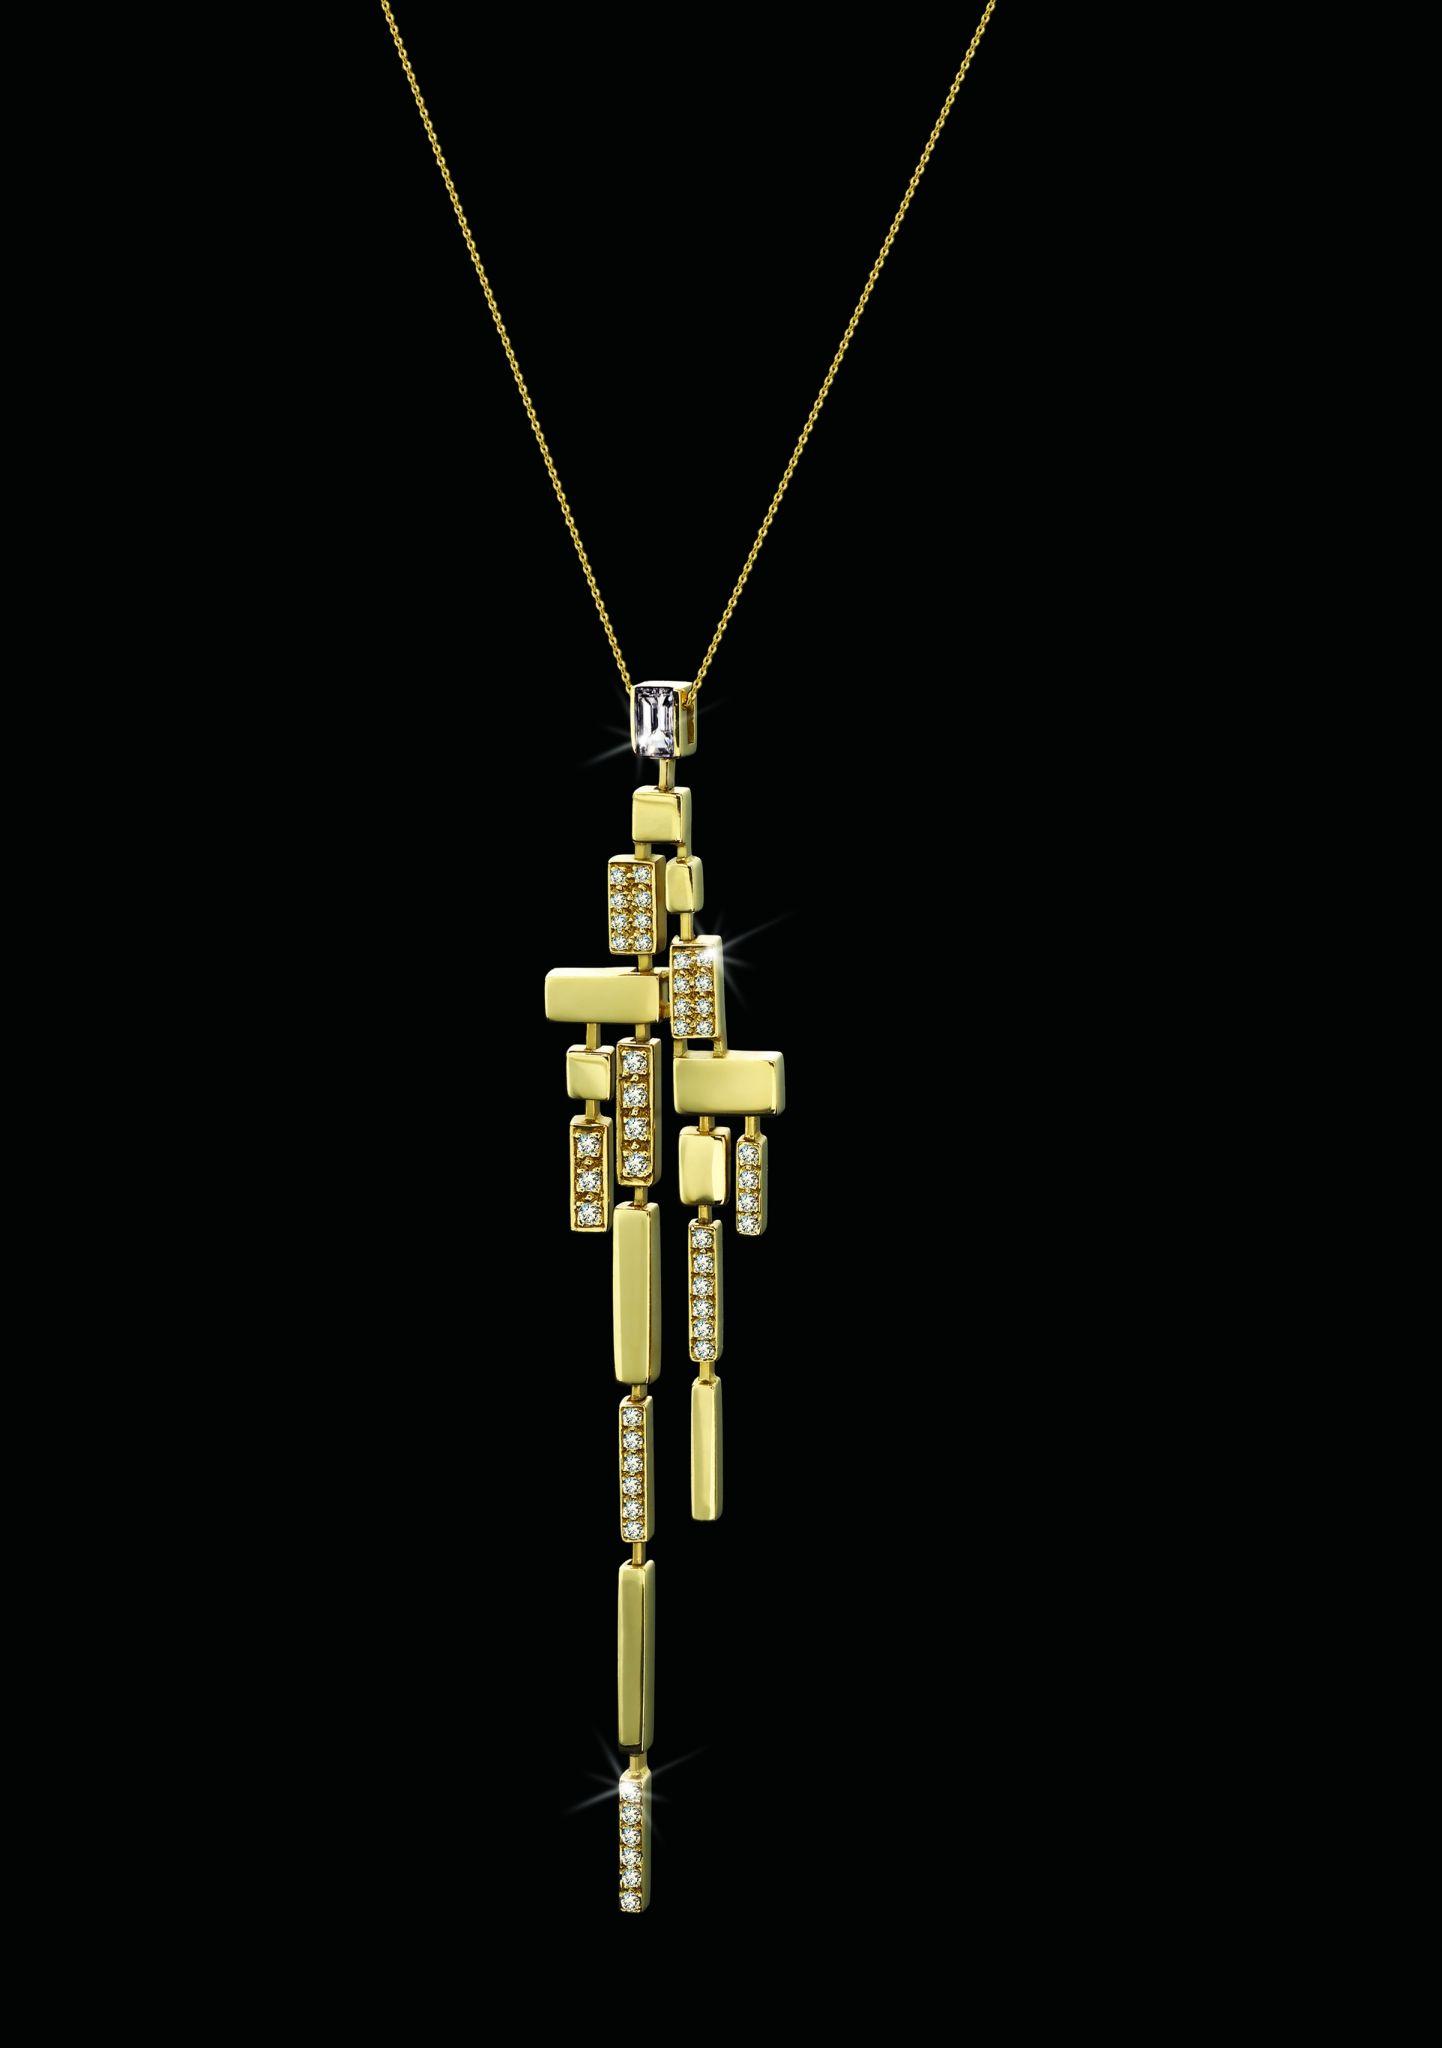 Stefano Canturi Cubist Pendant Gold Diamond Necklace